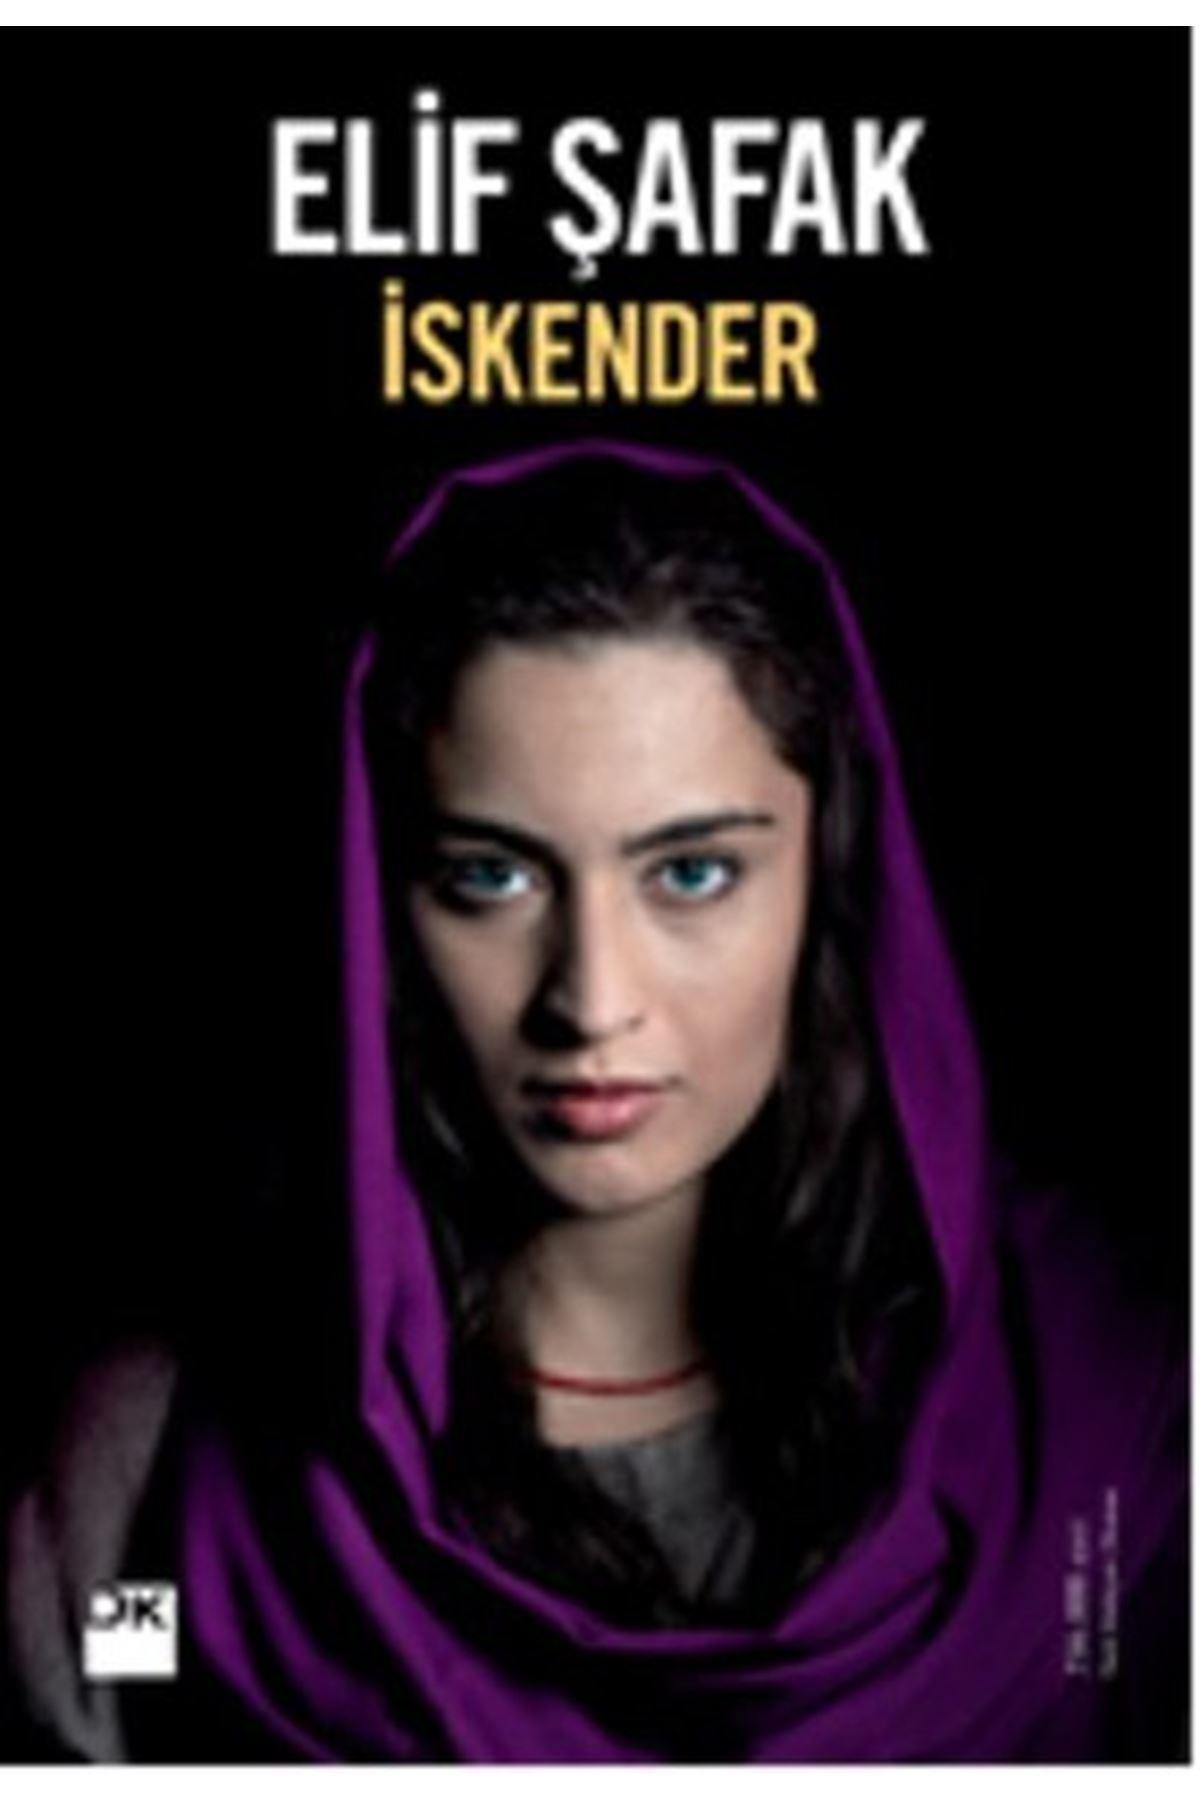 ELİF ŞAFAK - İSKENDER